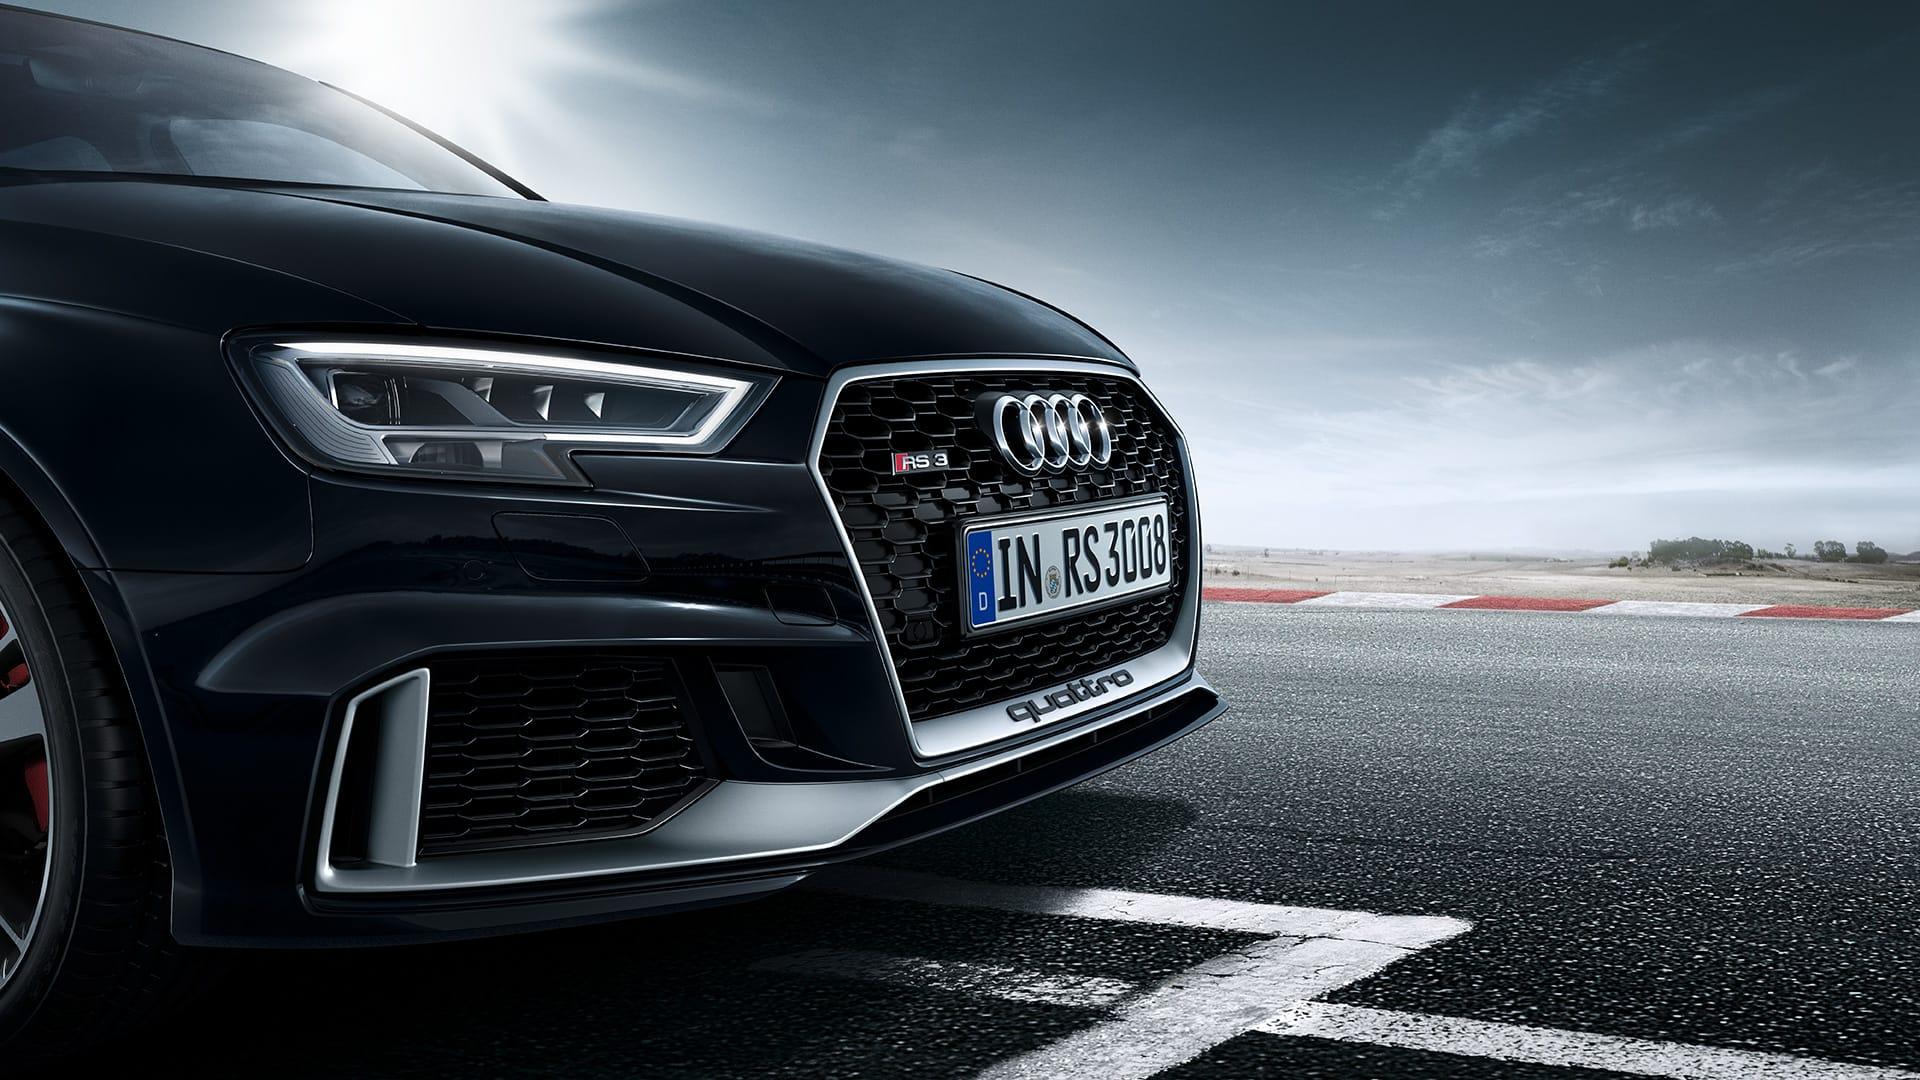 Rs 3 Limousine Gt Audi Polska Przewaga Dzięki Technice